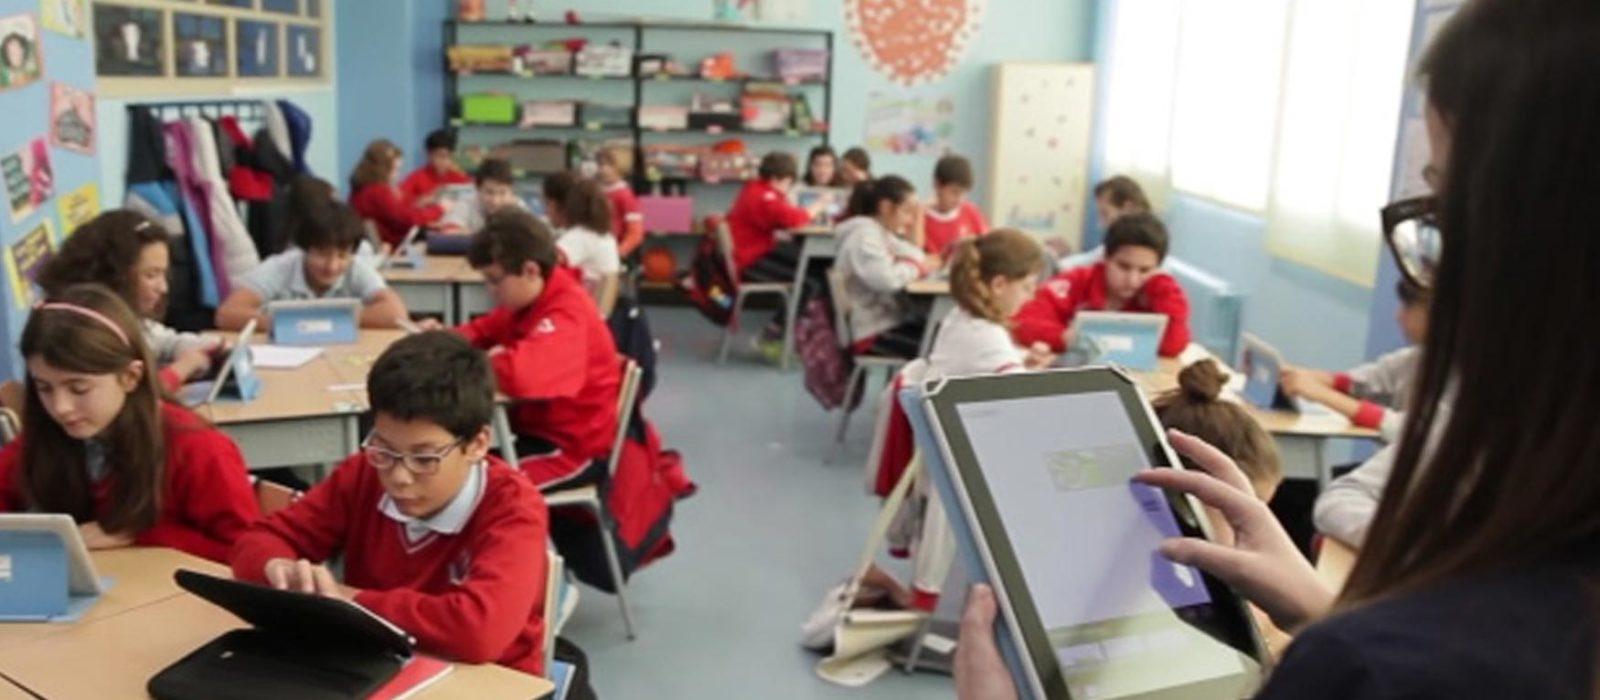 ¿Es la tecnología un fenómeno que facilita o interfiere en el aprendizaje?